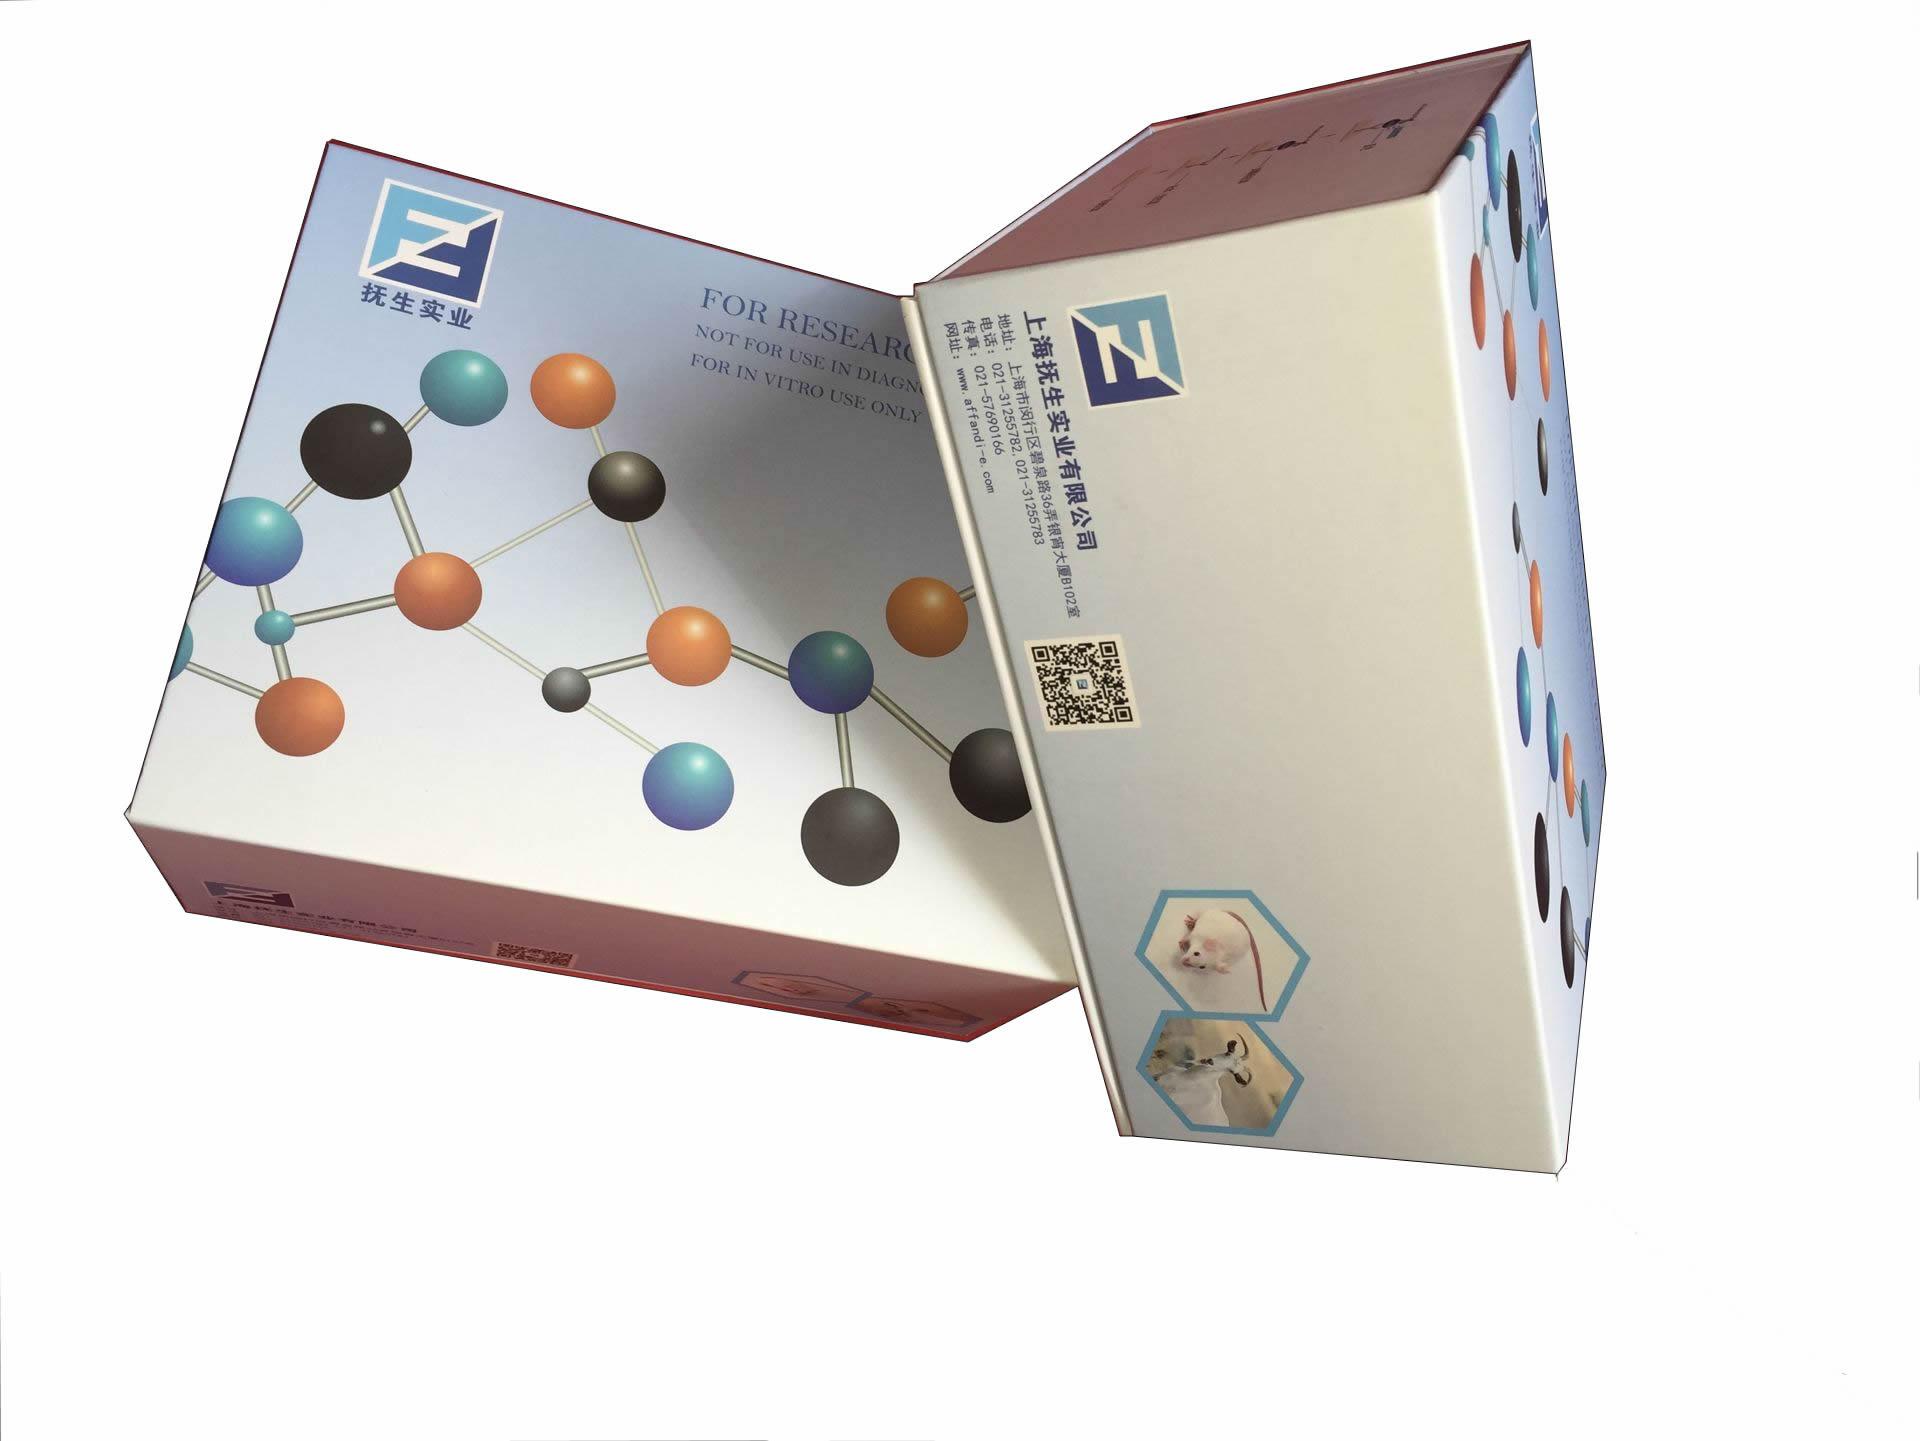 禽流感病毒H9亚型抗体检测试剂盒